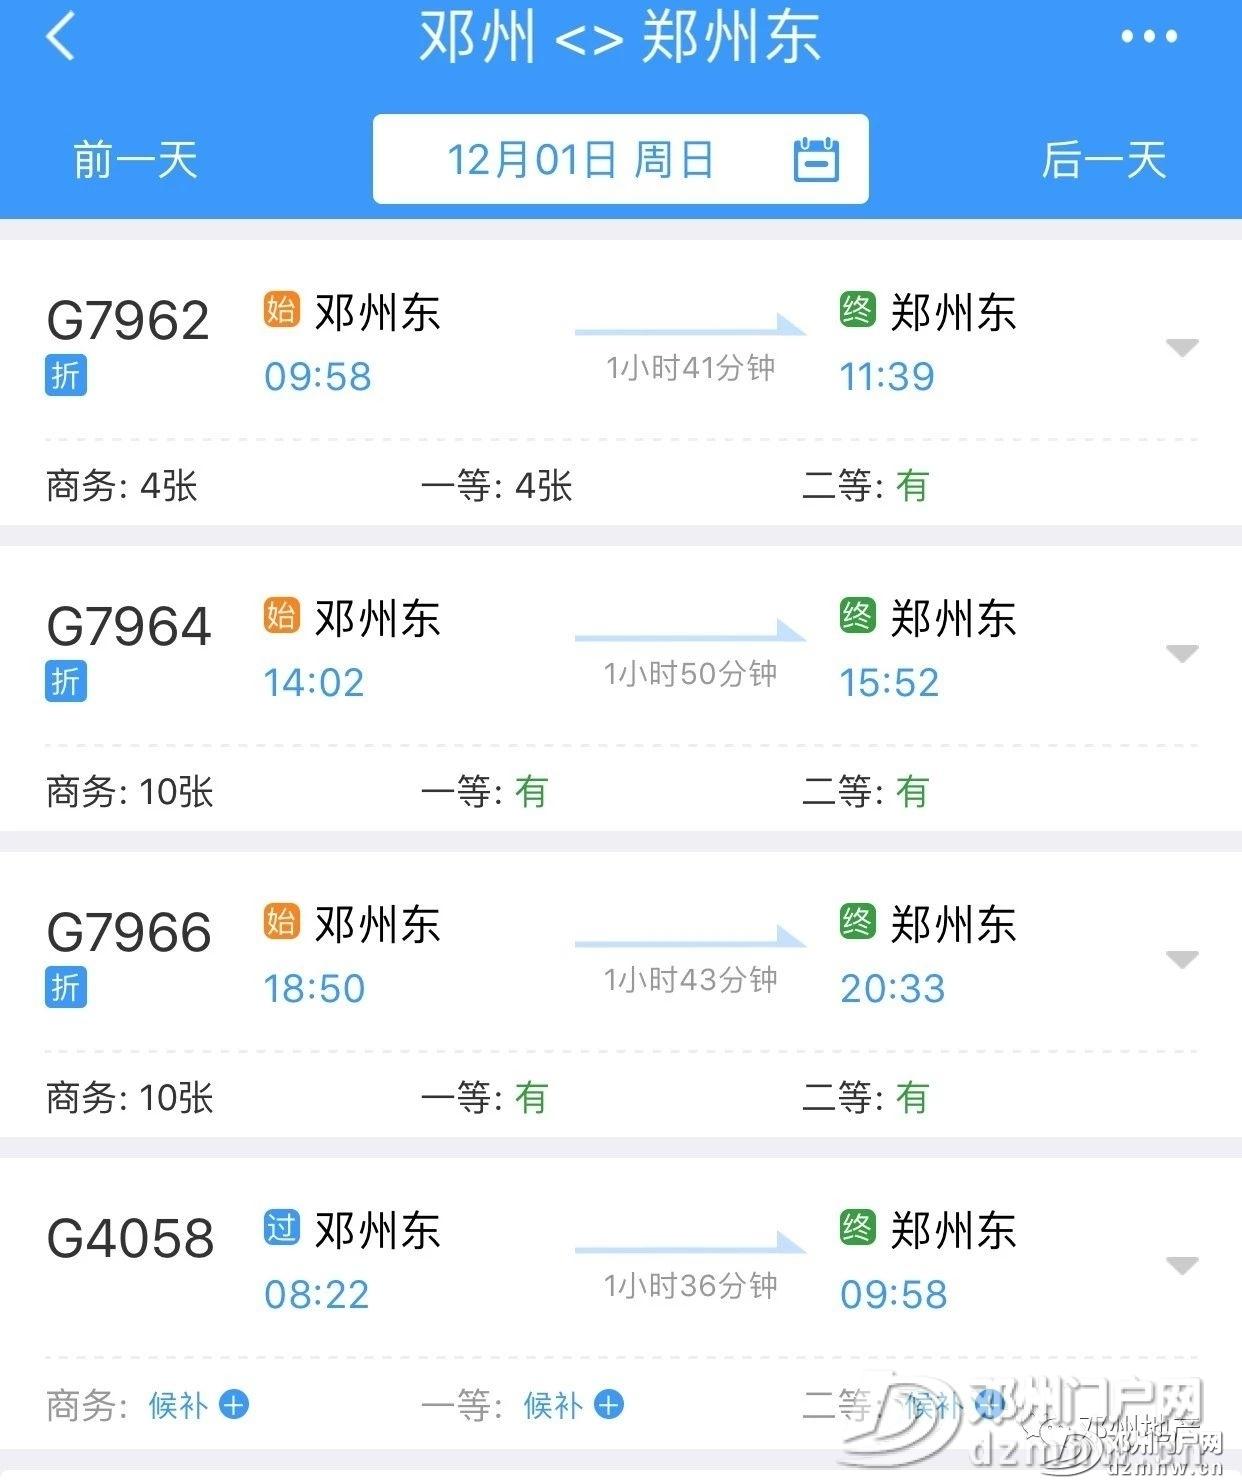 邓州高铁通往北上广深杭津成等城市票价和时刻表来了 - 邓州门户网 邓州网 - ac241be130b902afaee9478e09e0fba8.jpg